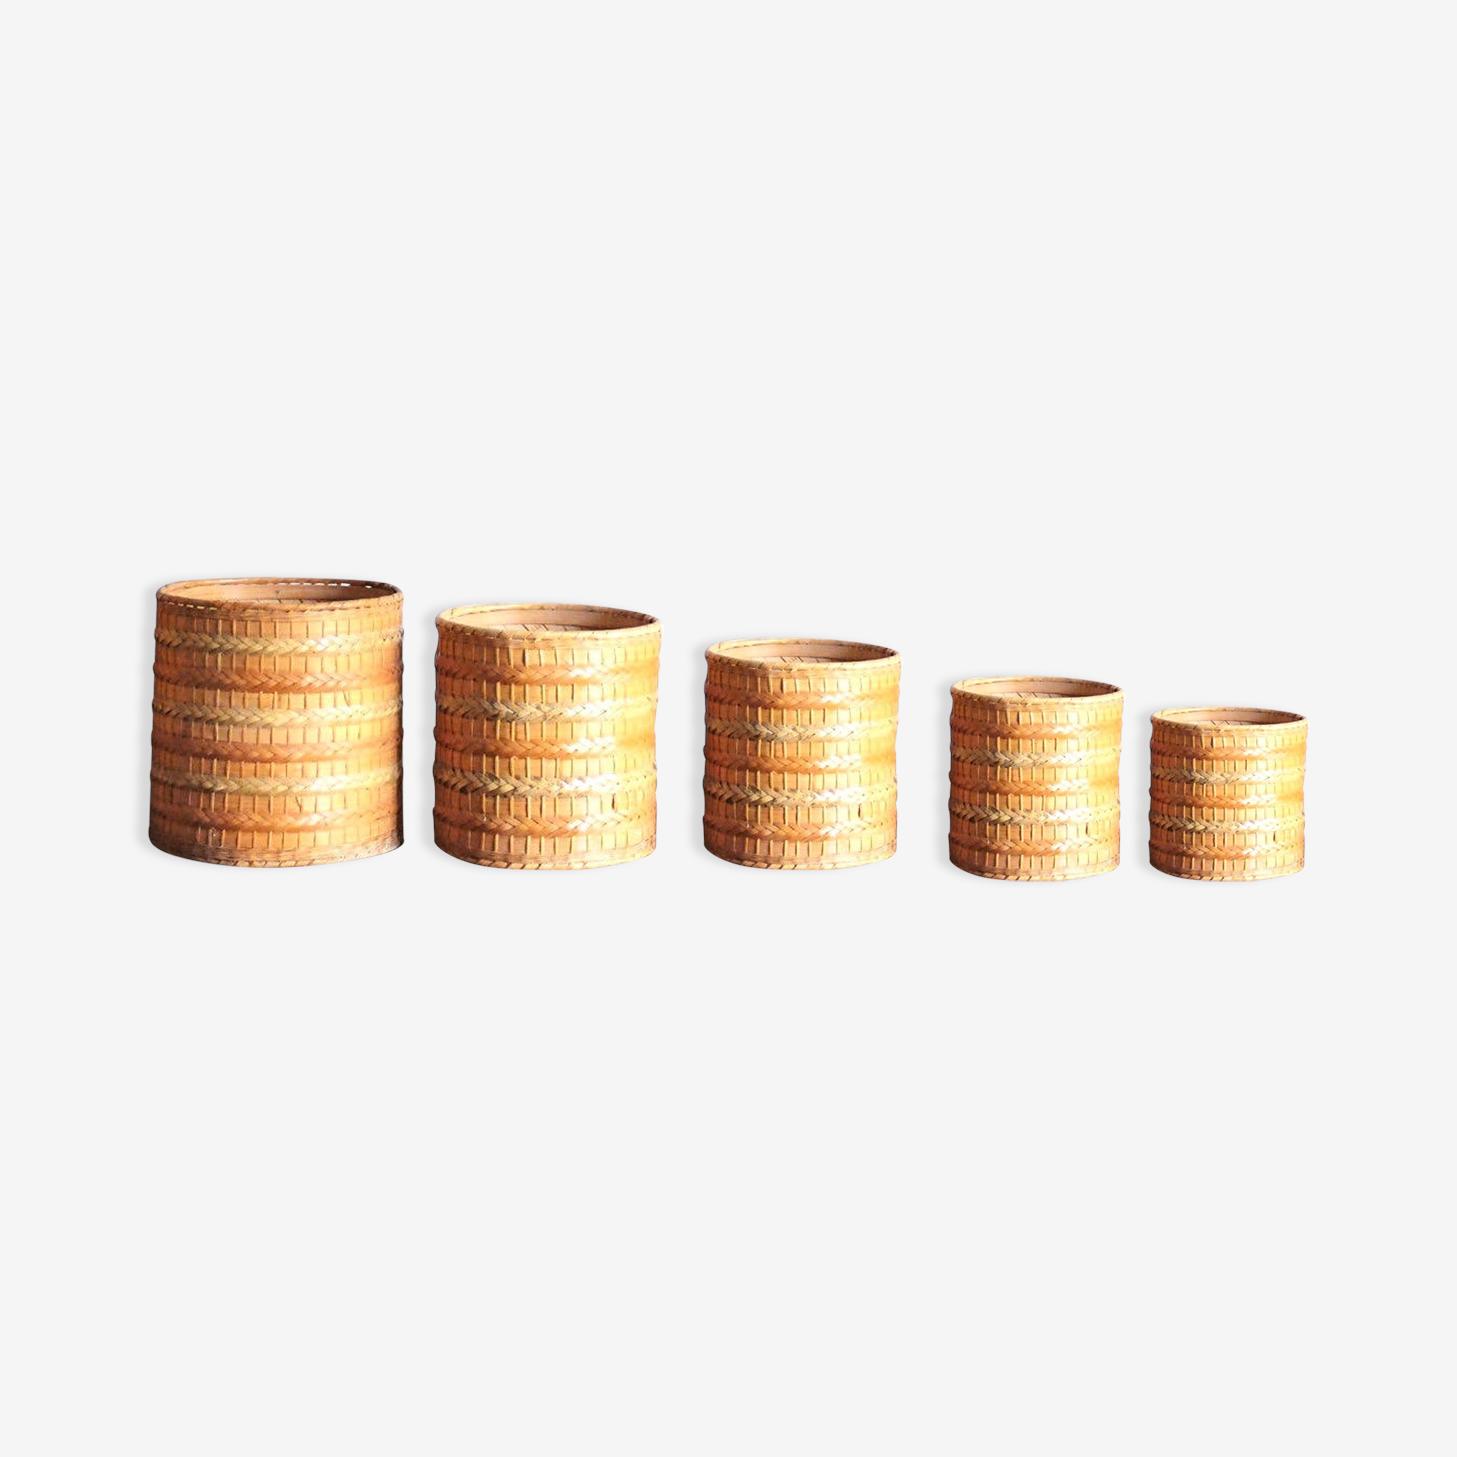 5 cache pots en osier, années 70